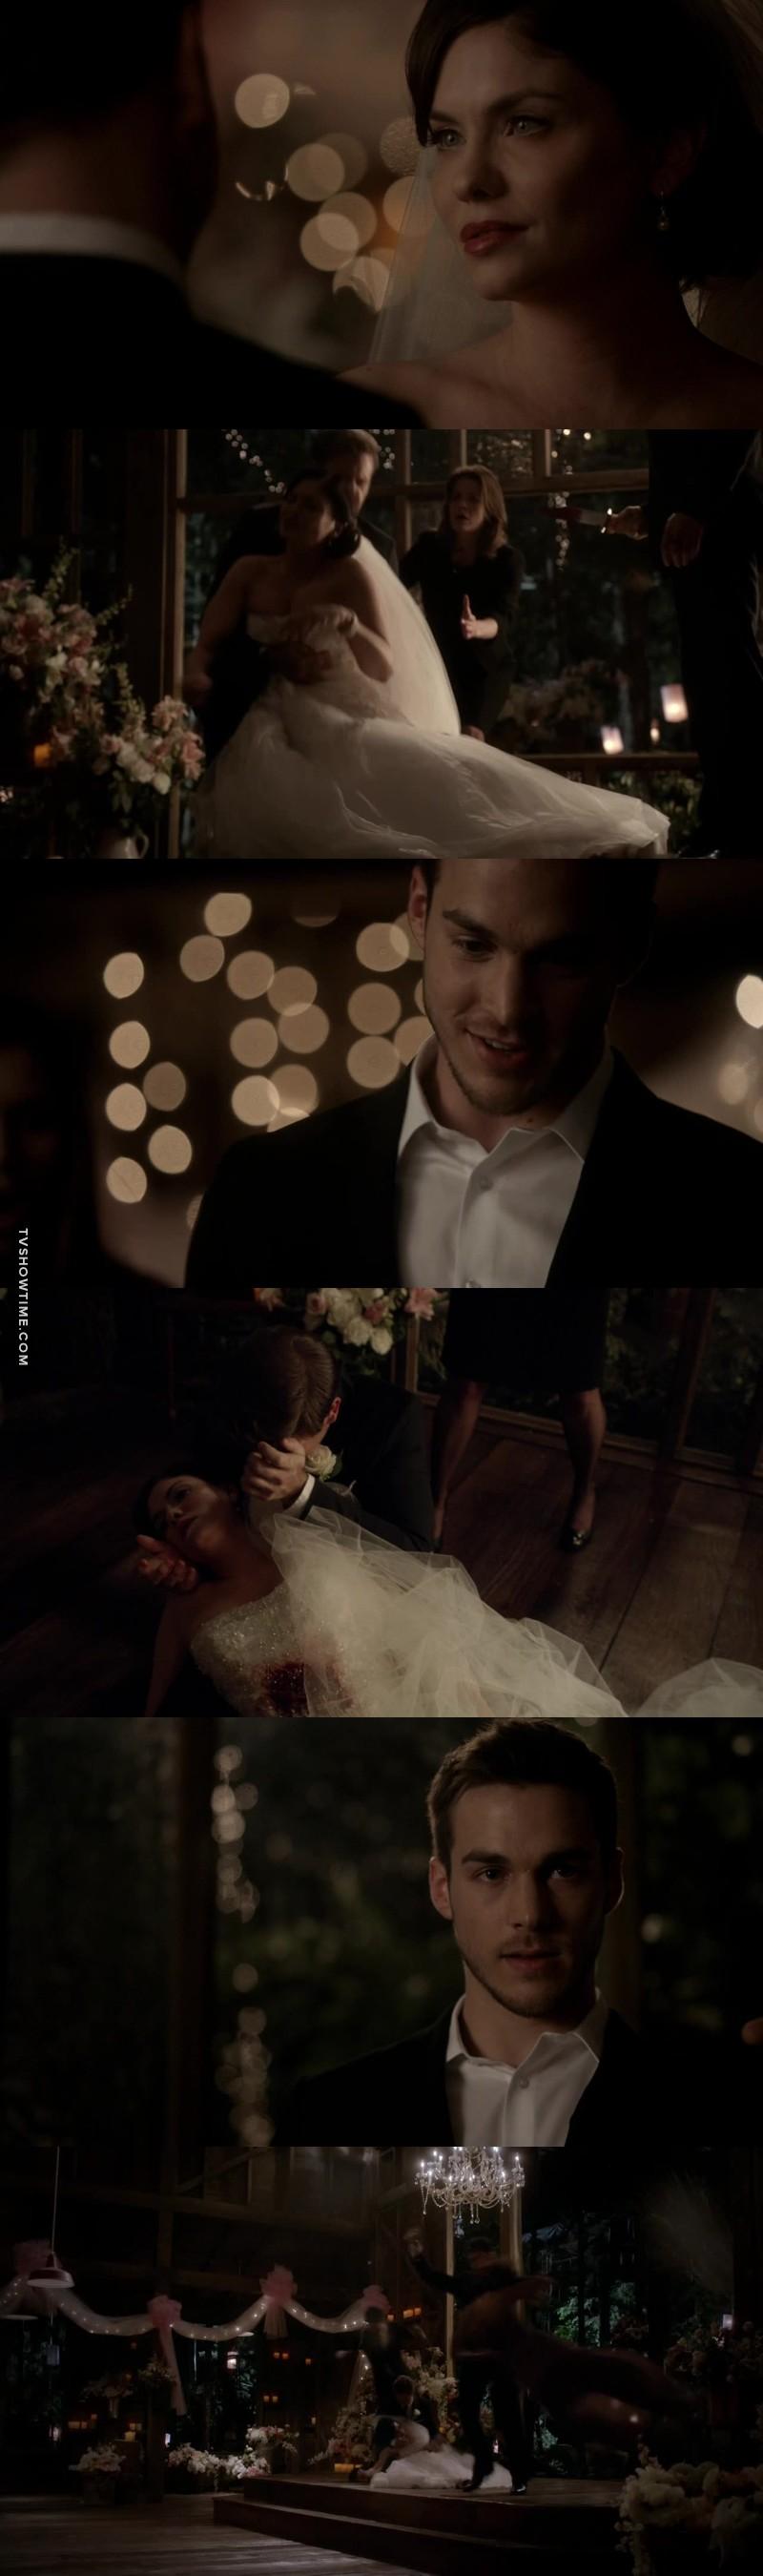 OMG !!! Je M'attendais pas du tout à la fin de cette épisode !!!! J'ai hâte de voir l'épisode d'après !!!